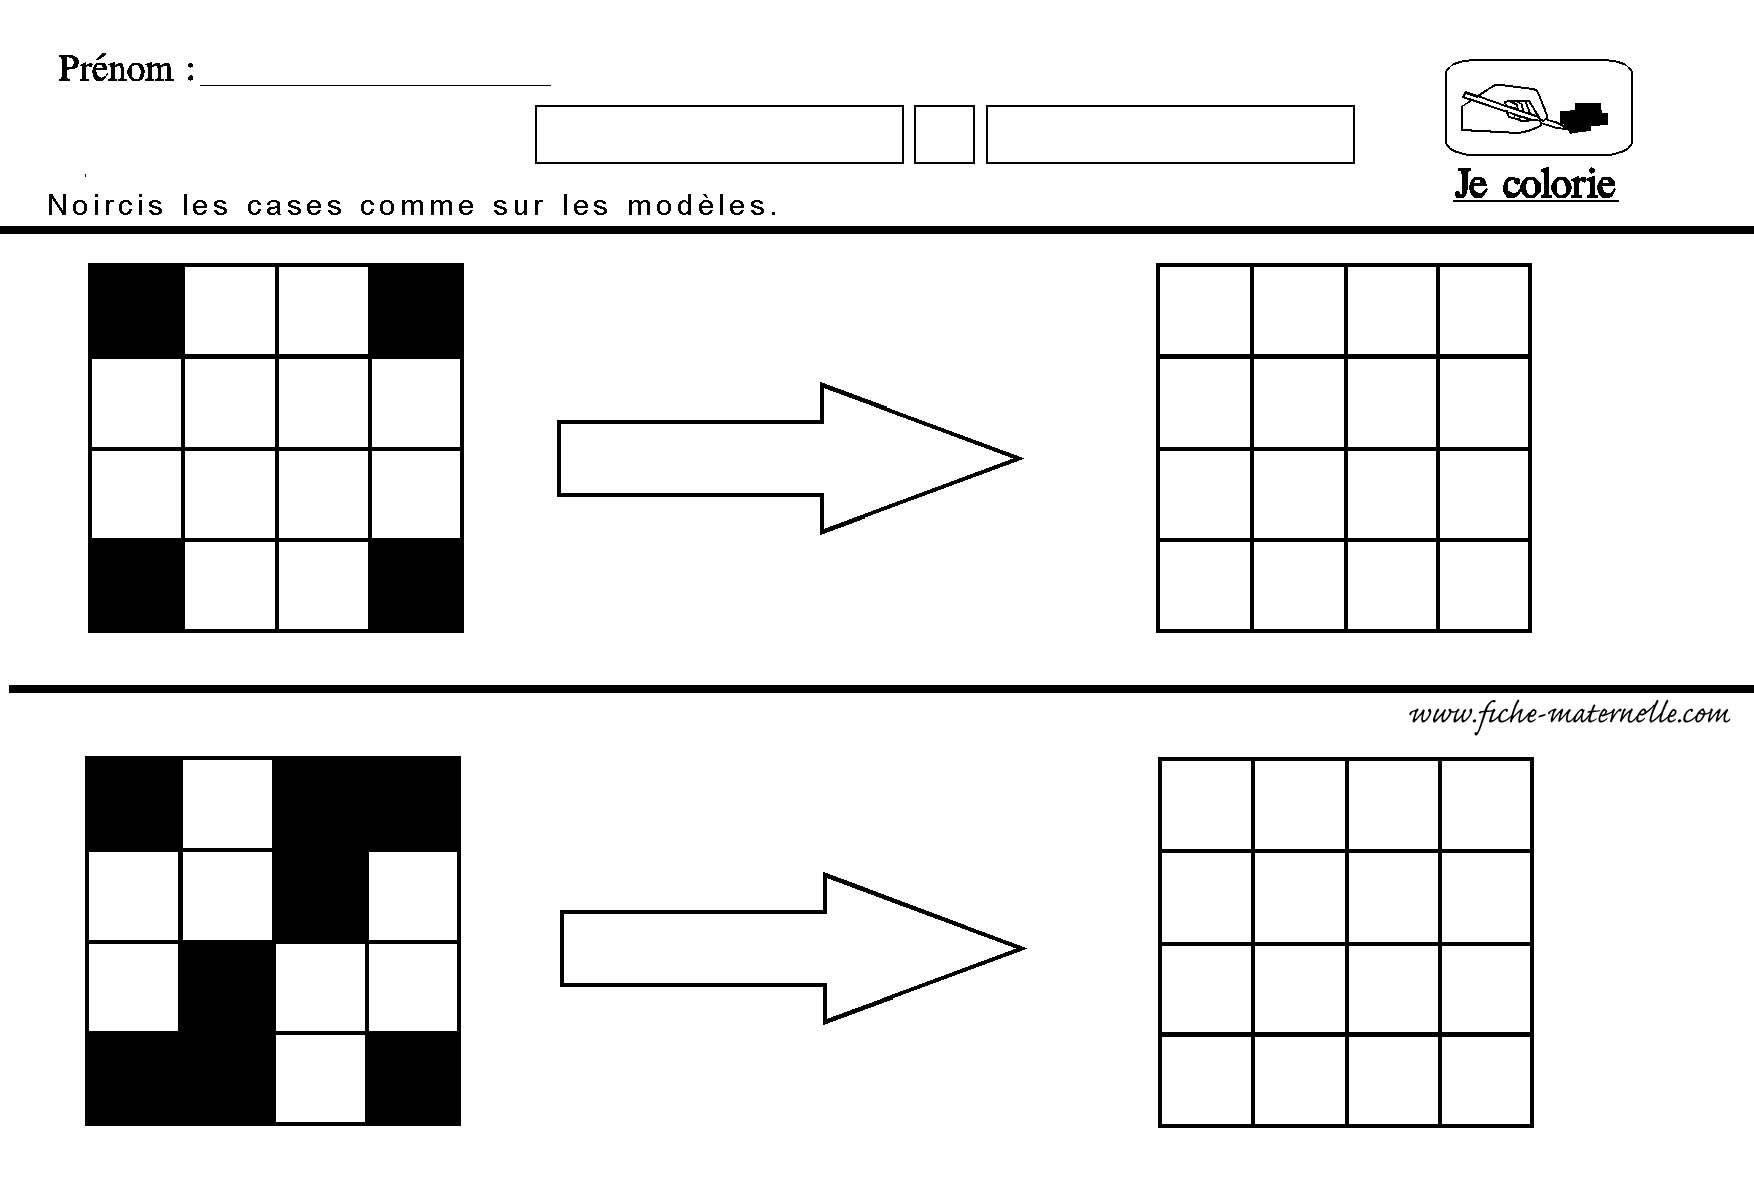 reproduire un quadrillage en ms gs et cp vers les maths topologie espace temps pinterest. Black Bedroom Furniture Sets. Home Design Ideas